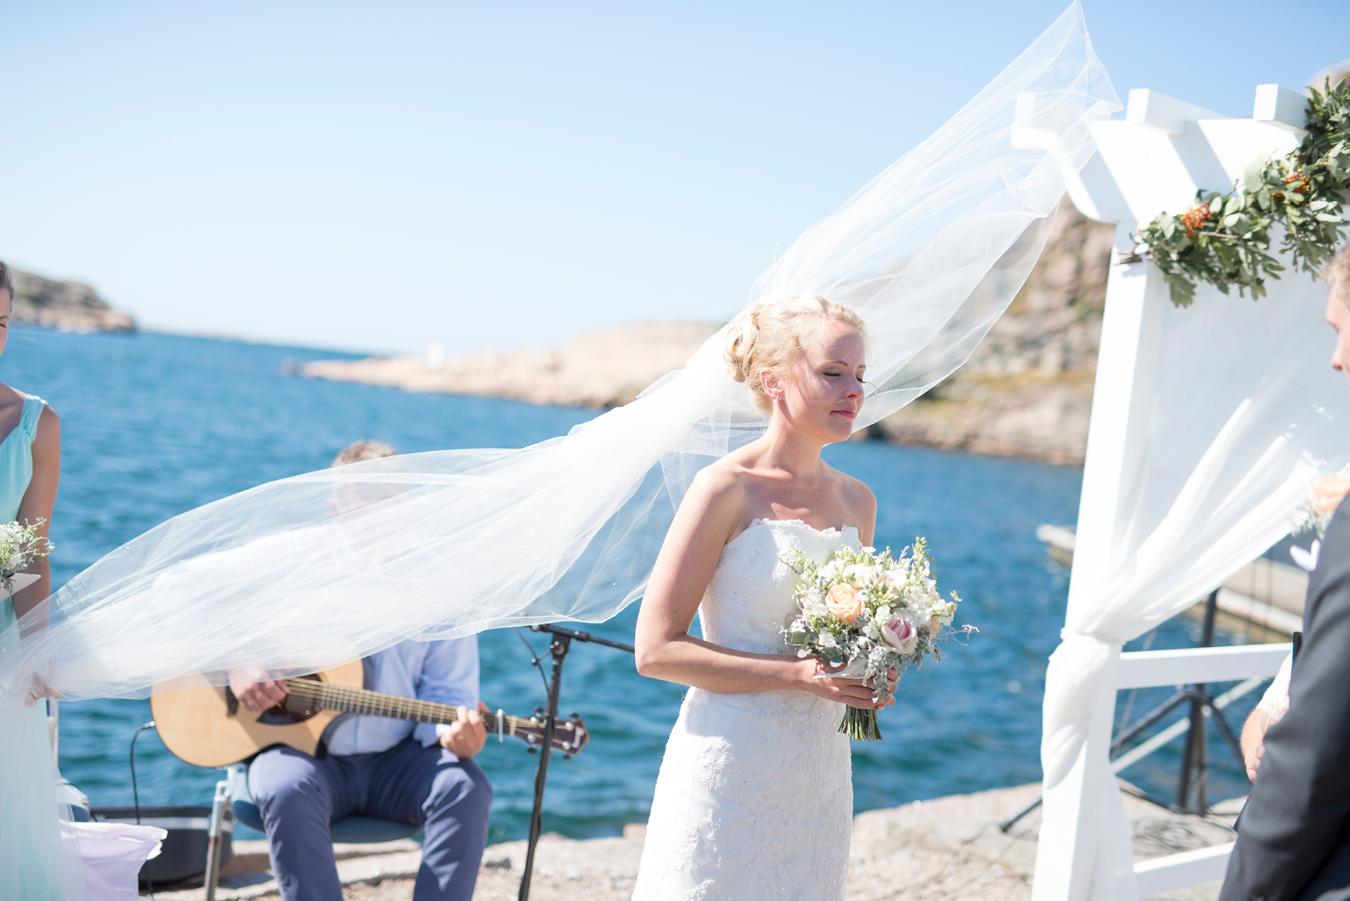 026-bröllopsfotograf-ulebergshamn-göteborg-neas-fotografi.jpg